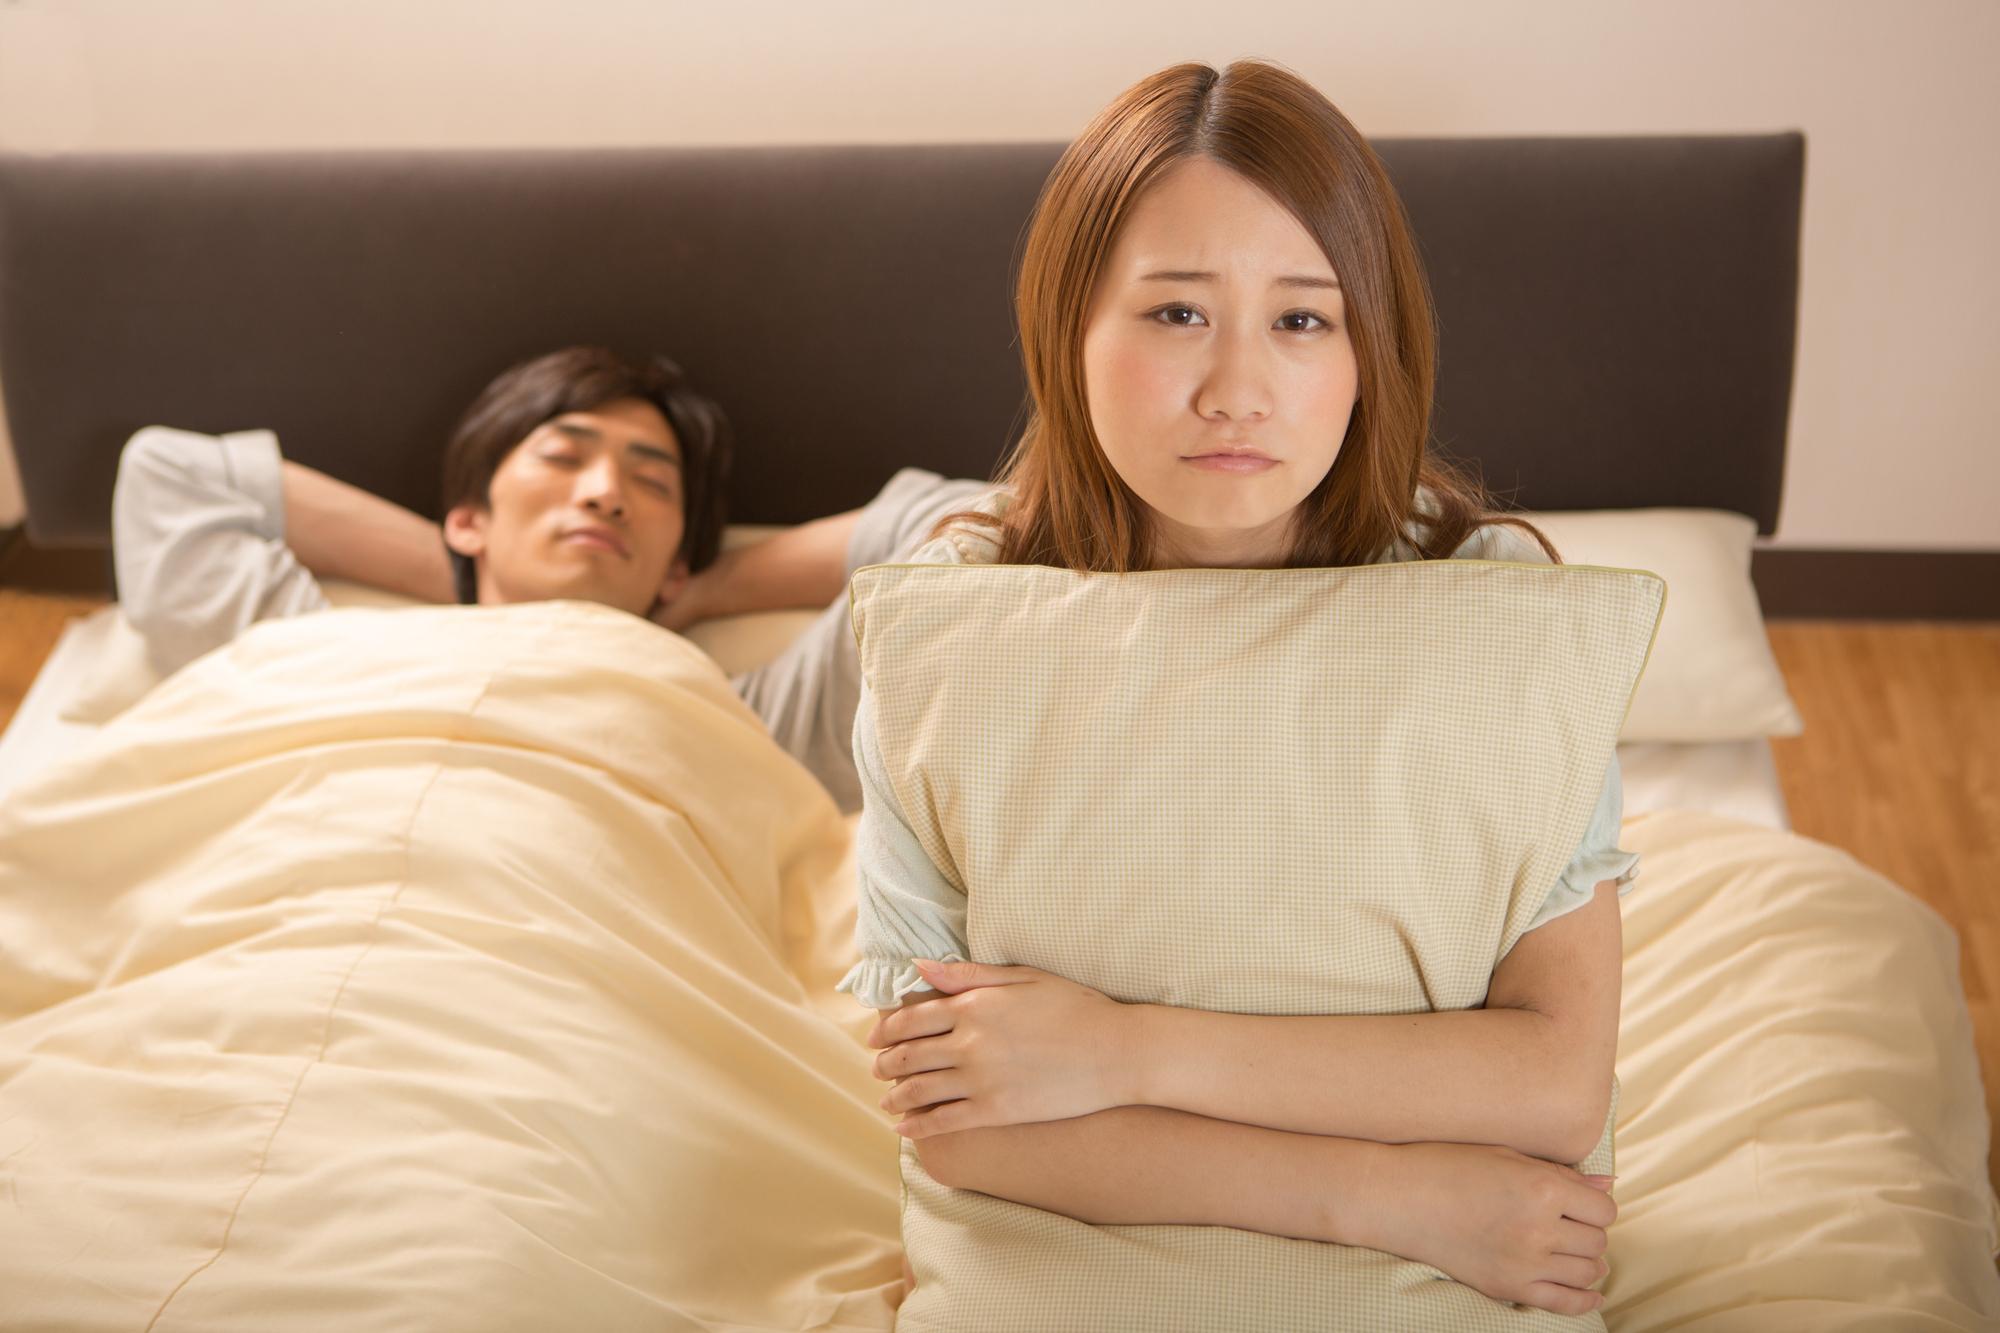 なぜ人は寝るの?睡眠の誤解を臨床心理士が分かりやすく解説します。